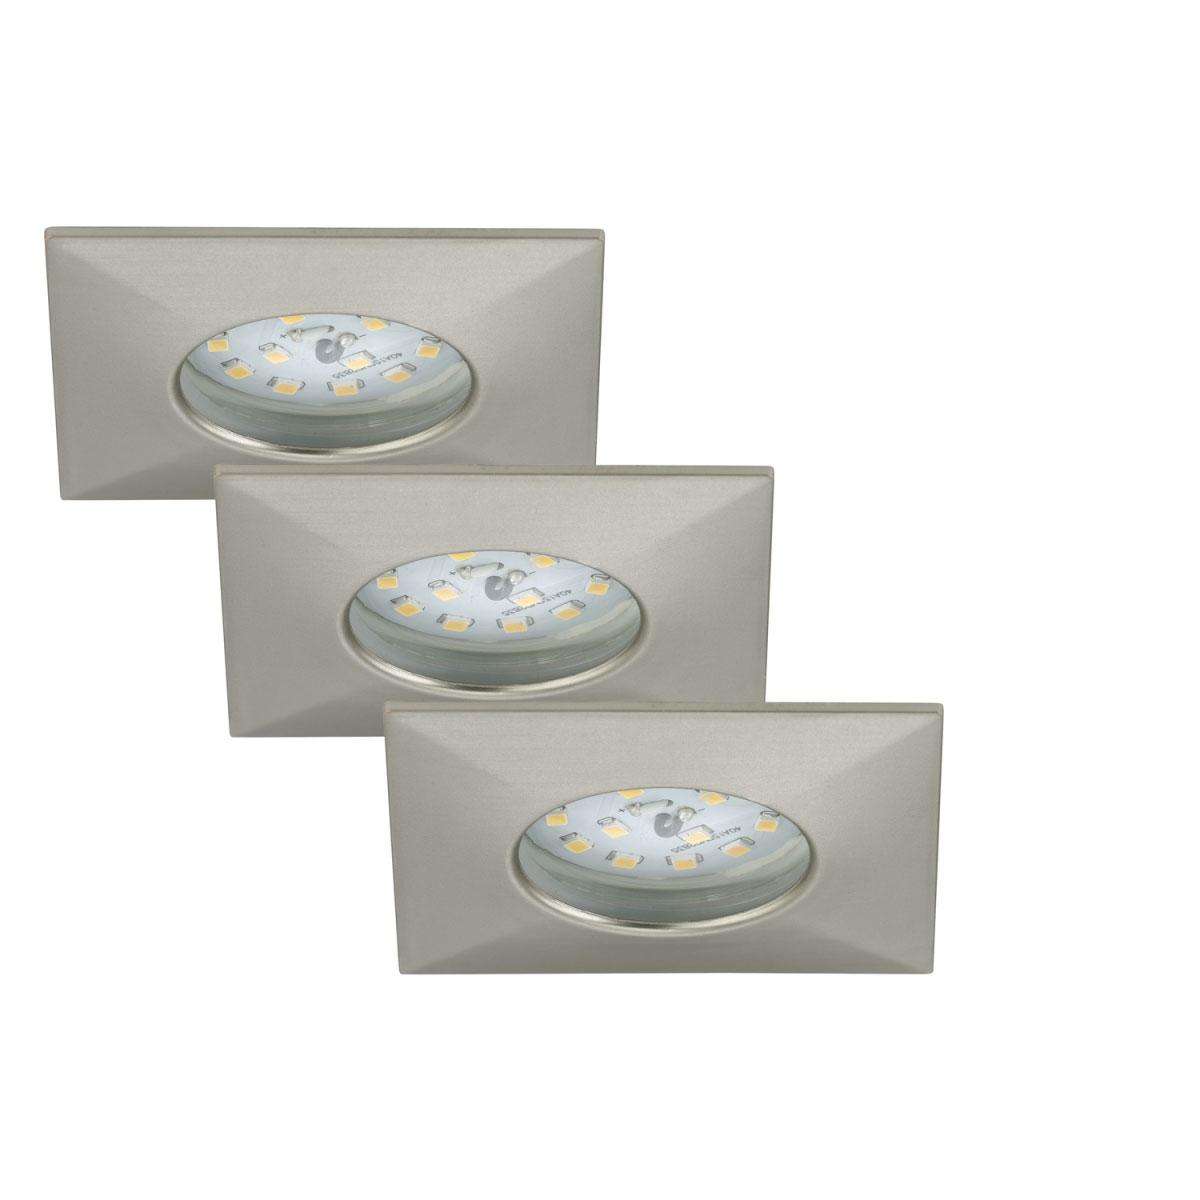 Deckenleuchten - LED Einbauleuchte 3er Set, matt nickel, eckig  - Onlineshop Hellweg